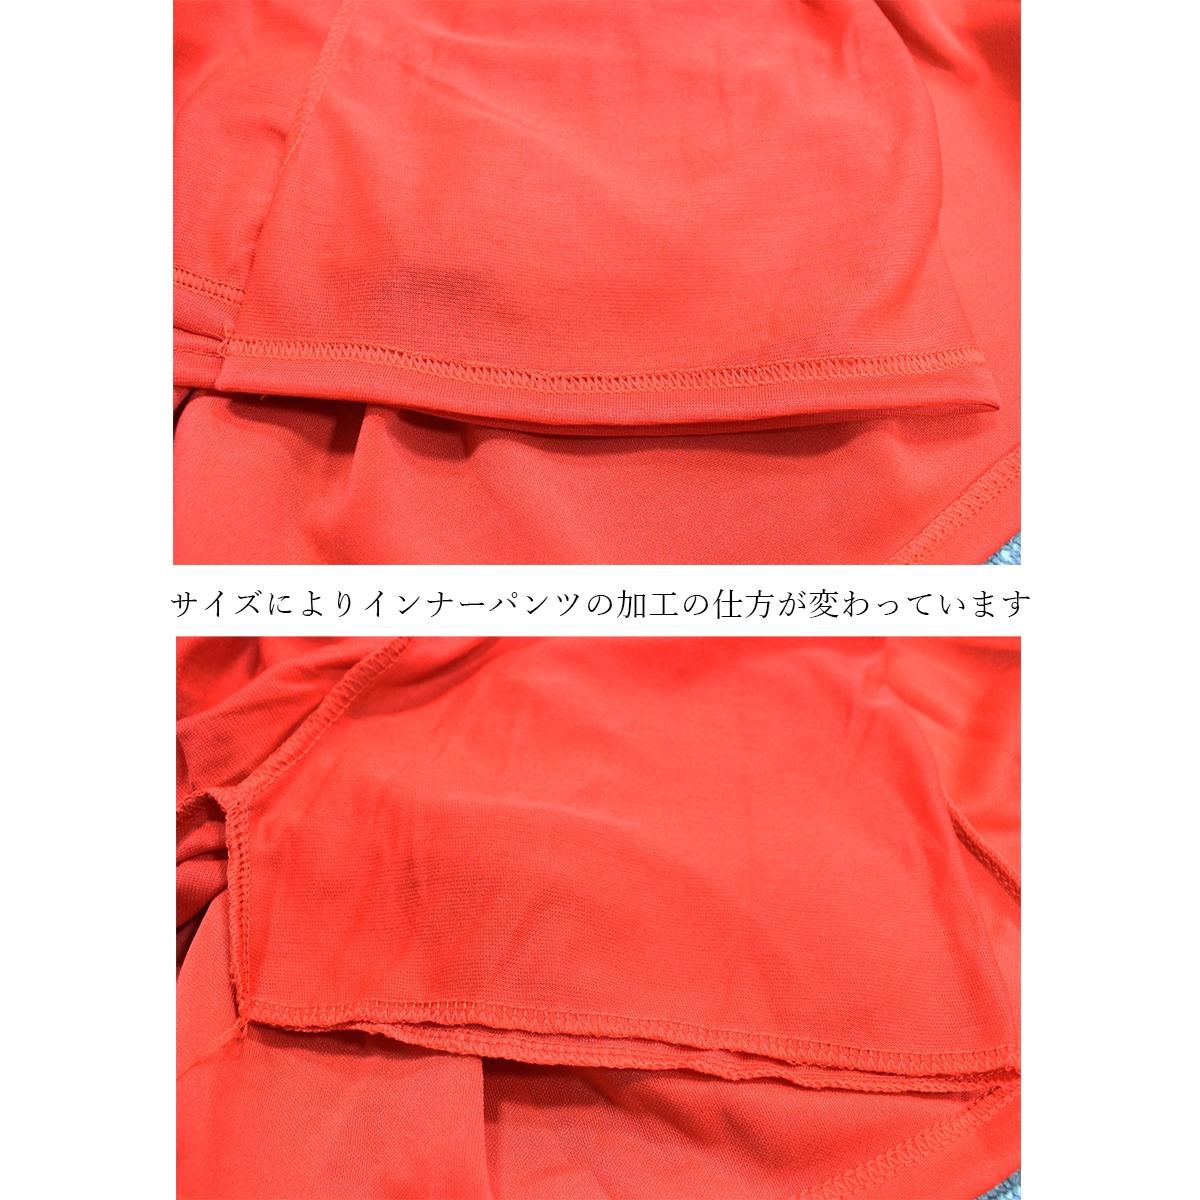 キッズダンス衣装 スパンコール 上下セット レッド  赤 スカート インナーパンツ